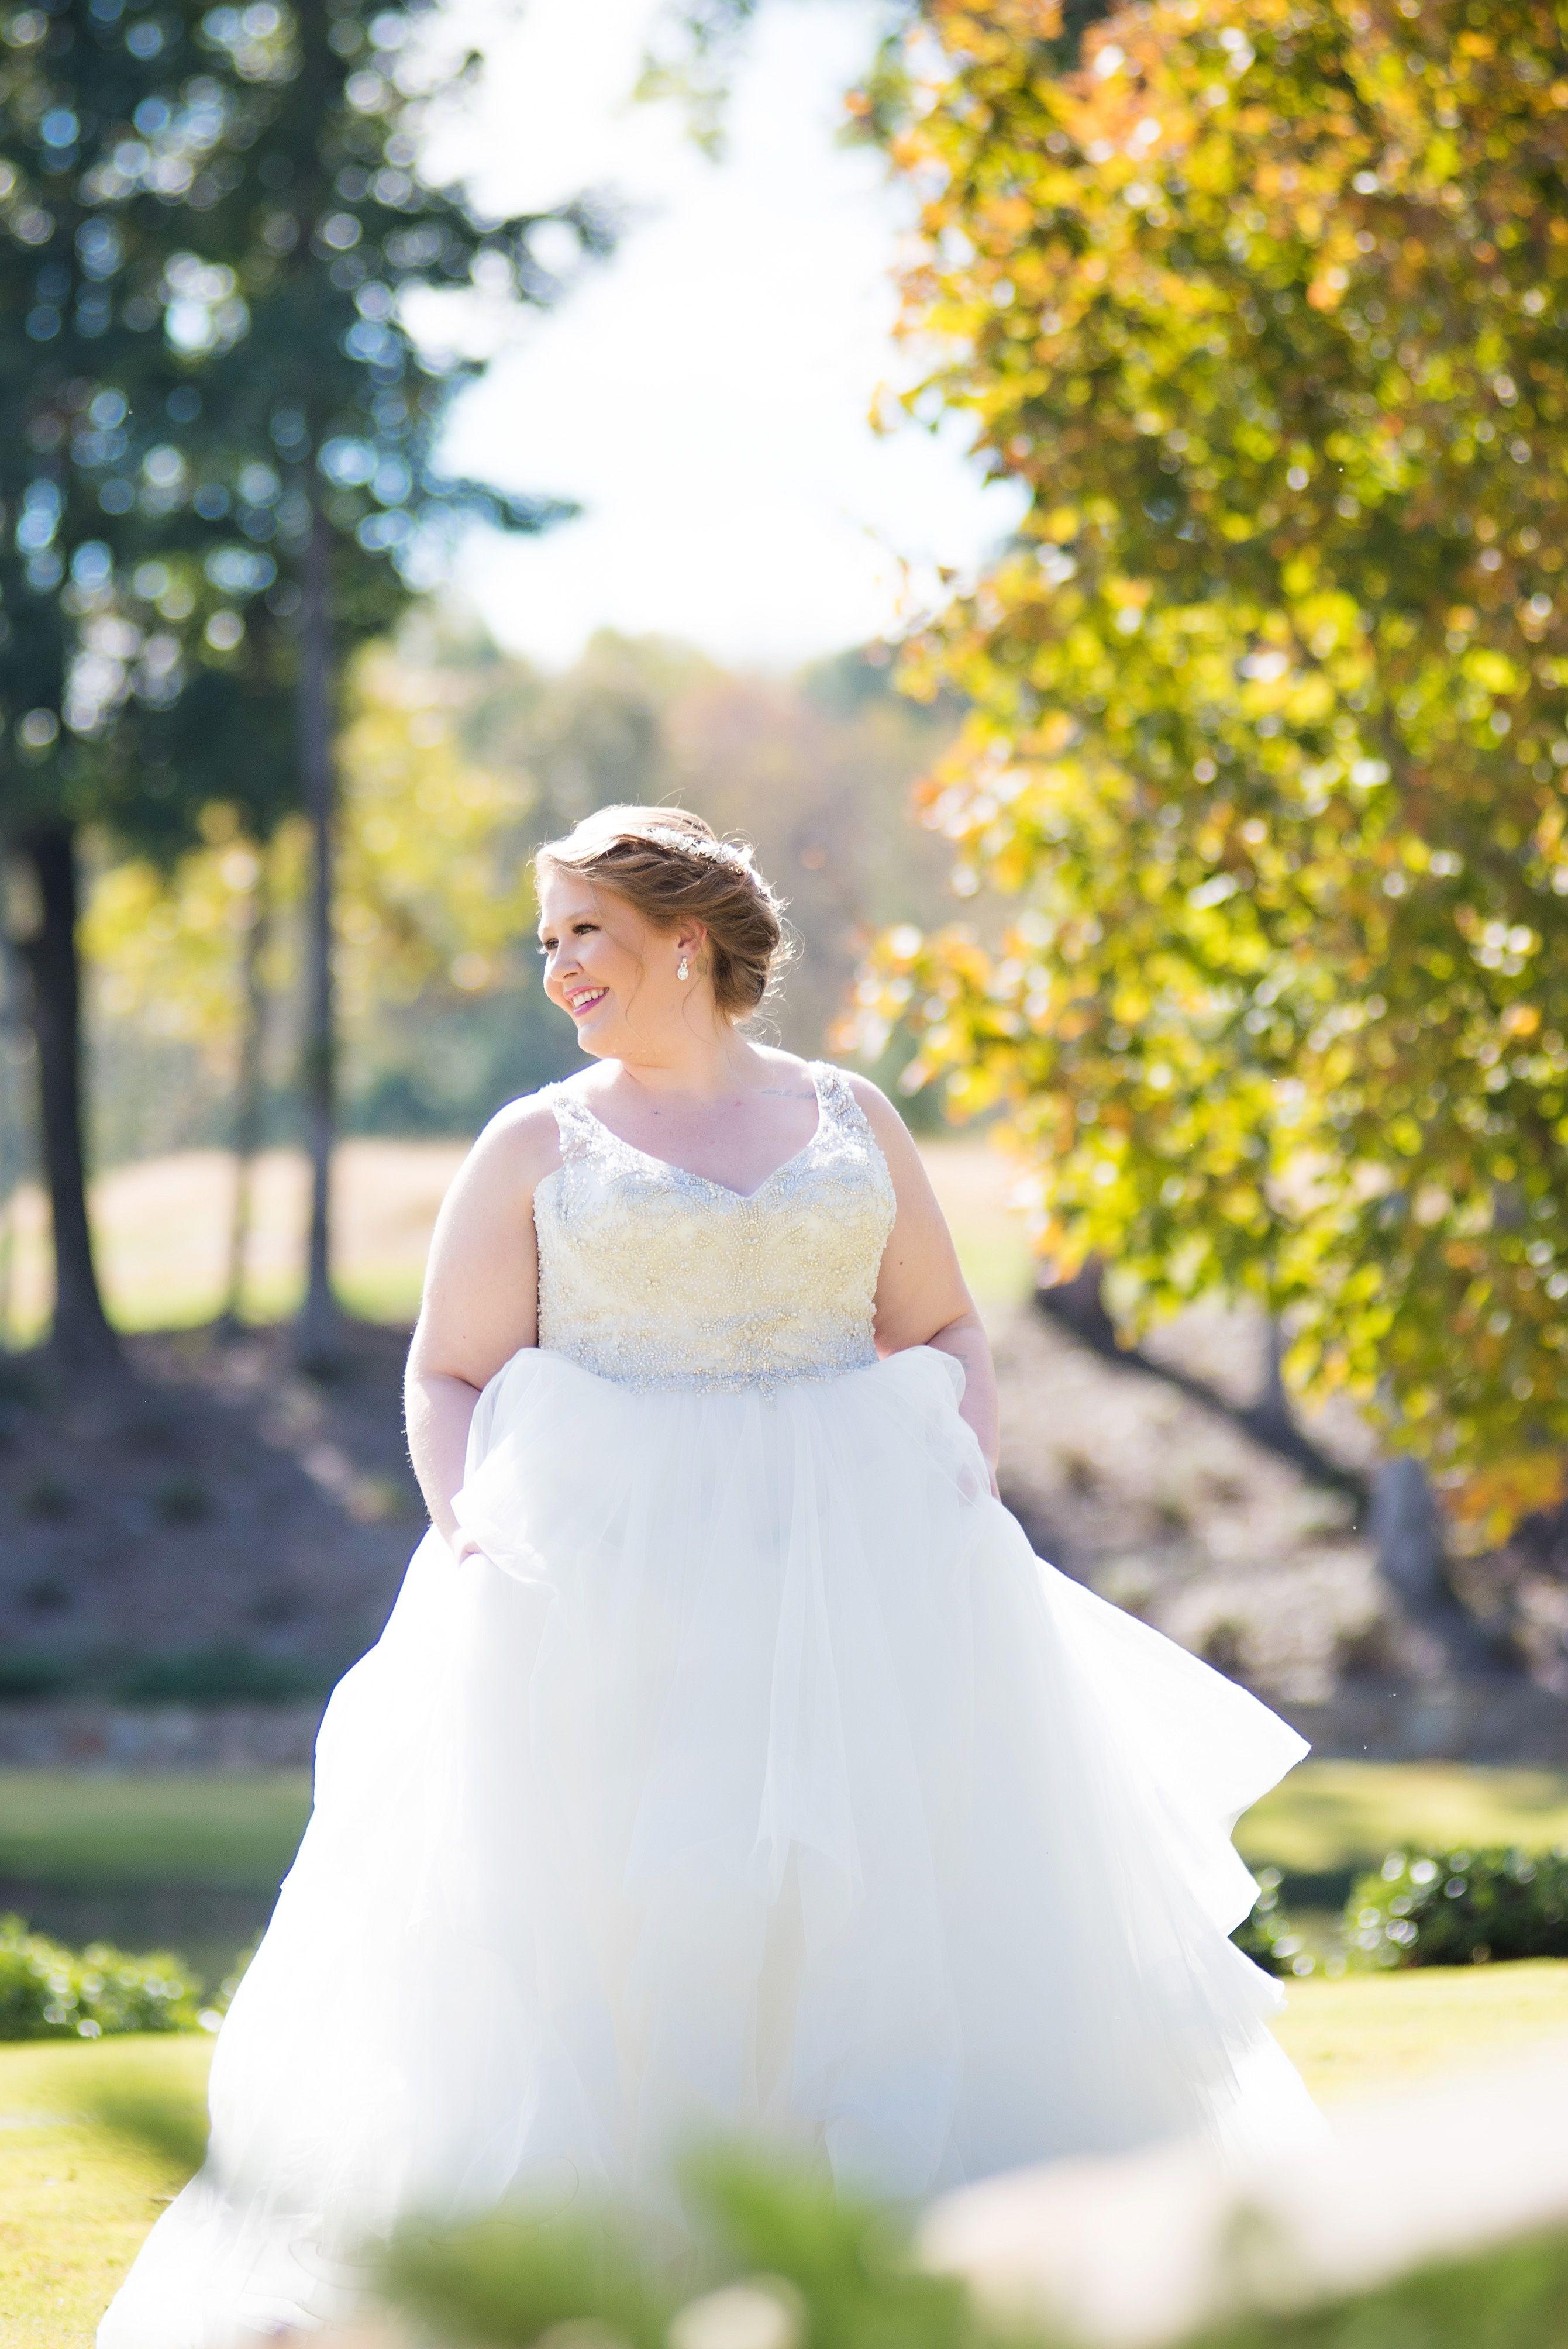 Wedding Angels Boutique Atlanta Ga Atlanta Bride Atlanta Wedding Elegant Wedding Dress Wedding Dresses Atlanta Wedding Dresses Wedding Dress Boutiques